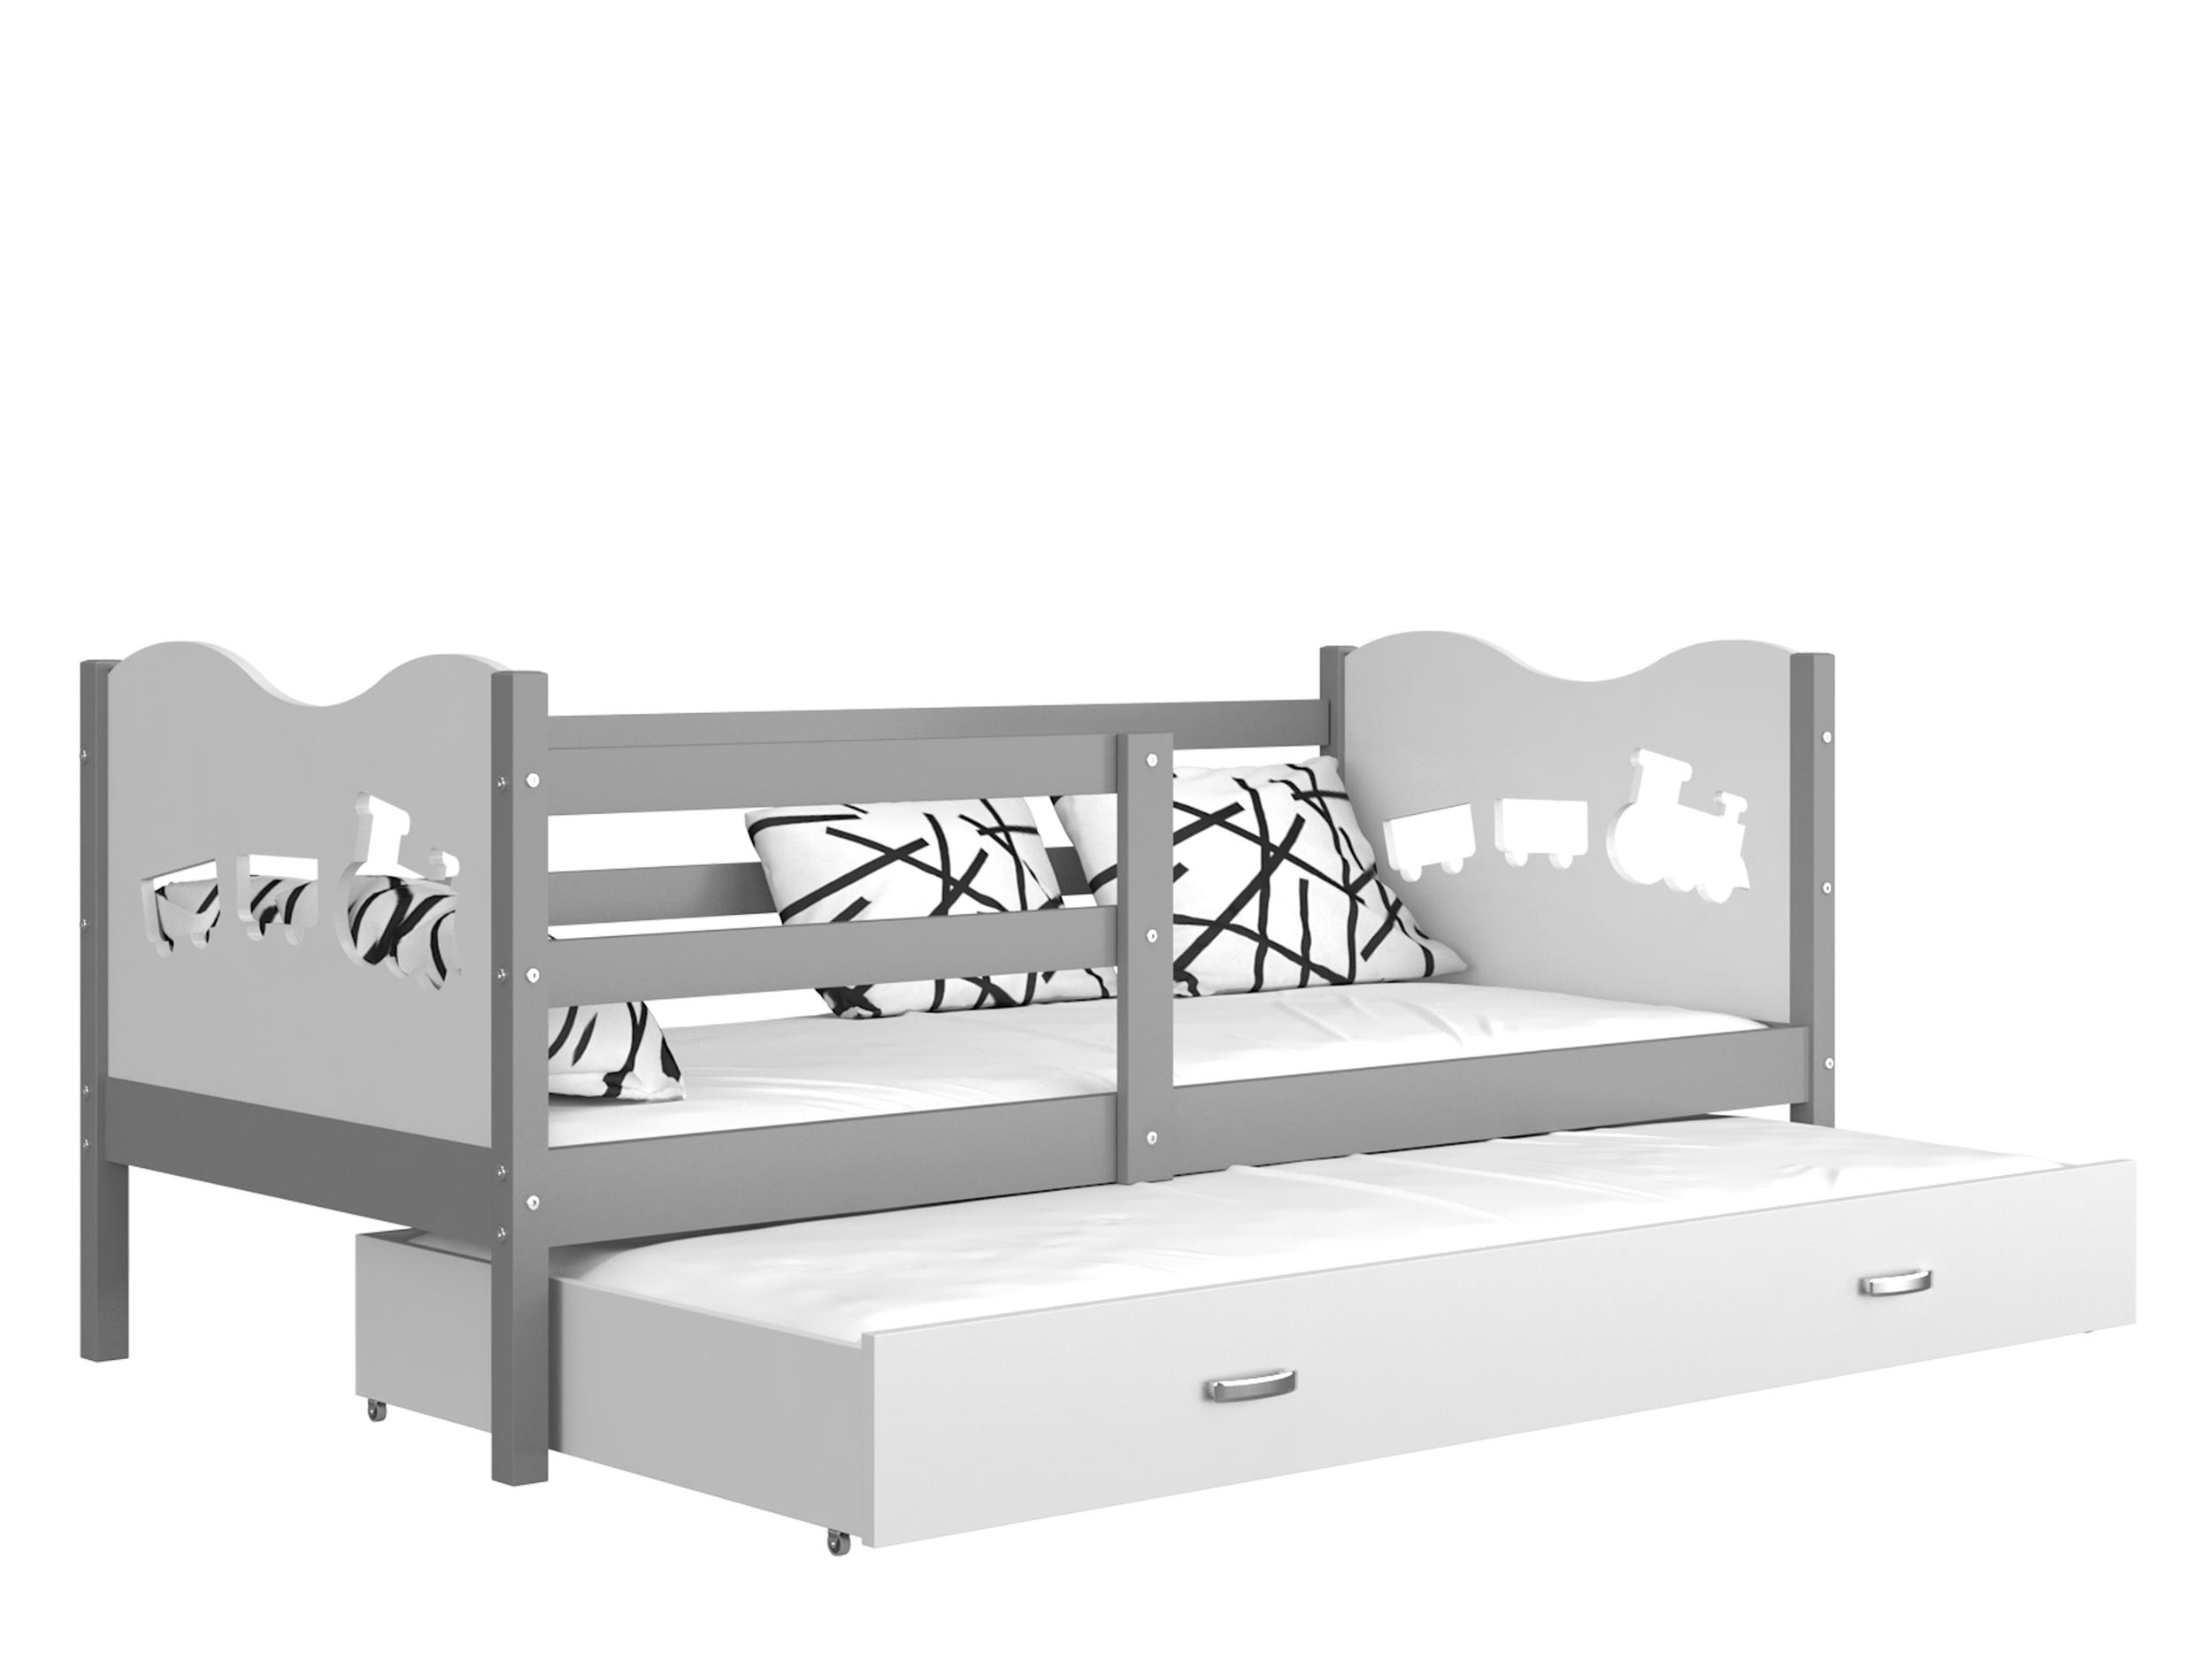 ArtAJ Detská posteľ MAX P2 / MDF 200 x 90 cm Farba: Sivá / biela 200 x 90 cm, s matracom